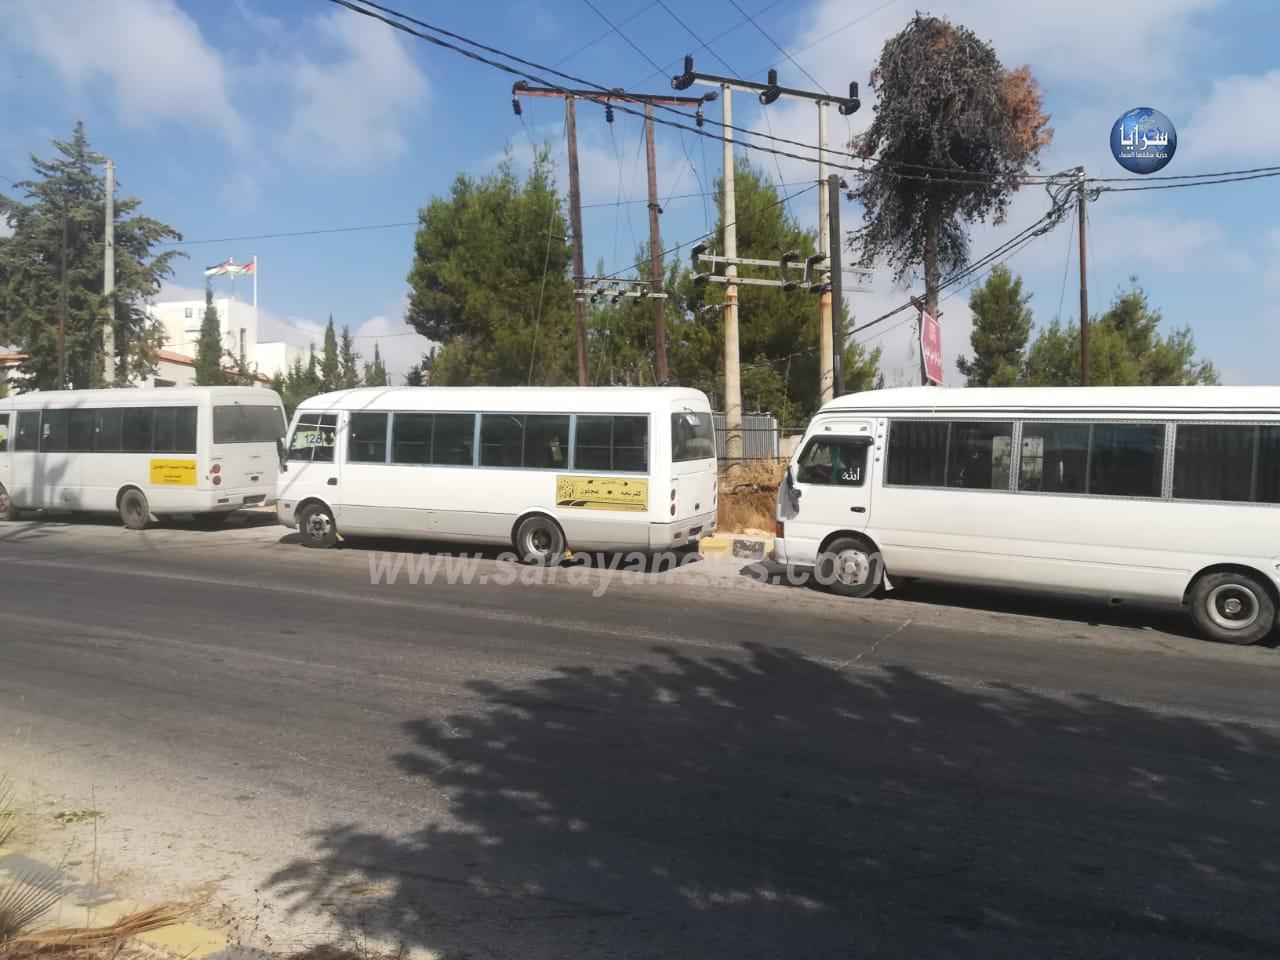 بالصور  ..  سائقو باصات خط كفرنجة عجلون يعتصمون أمام المحافظة